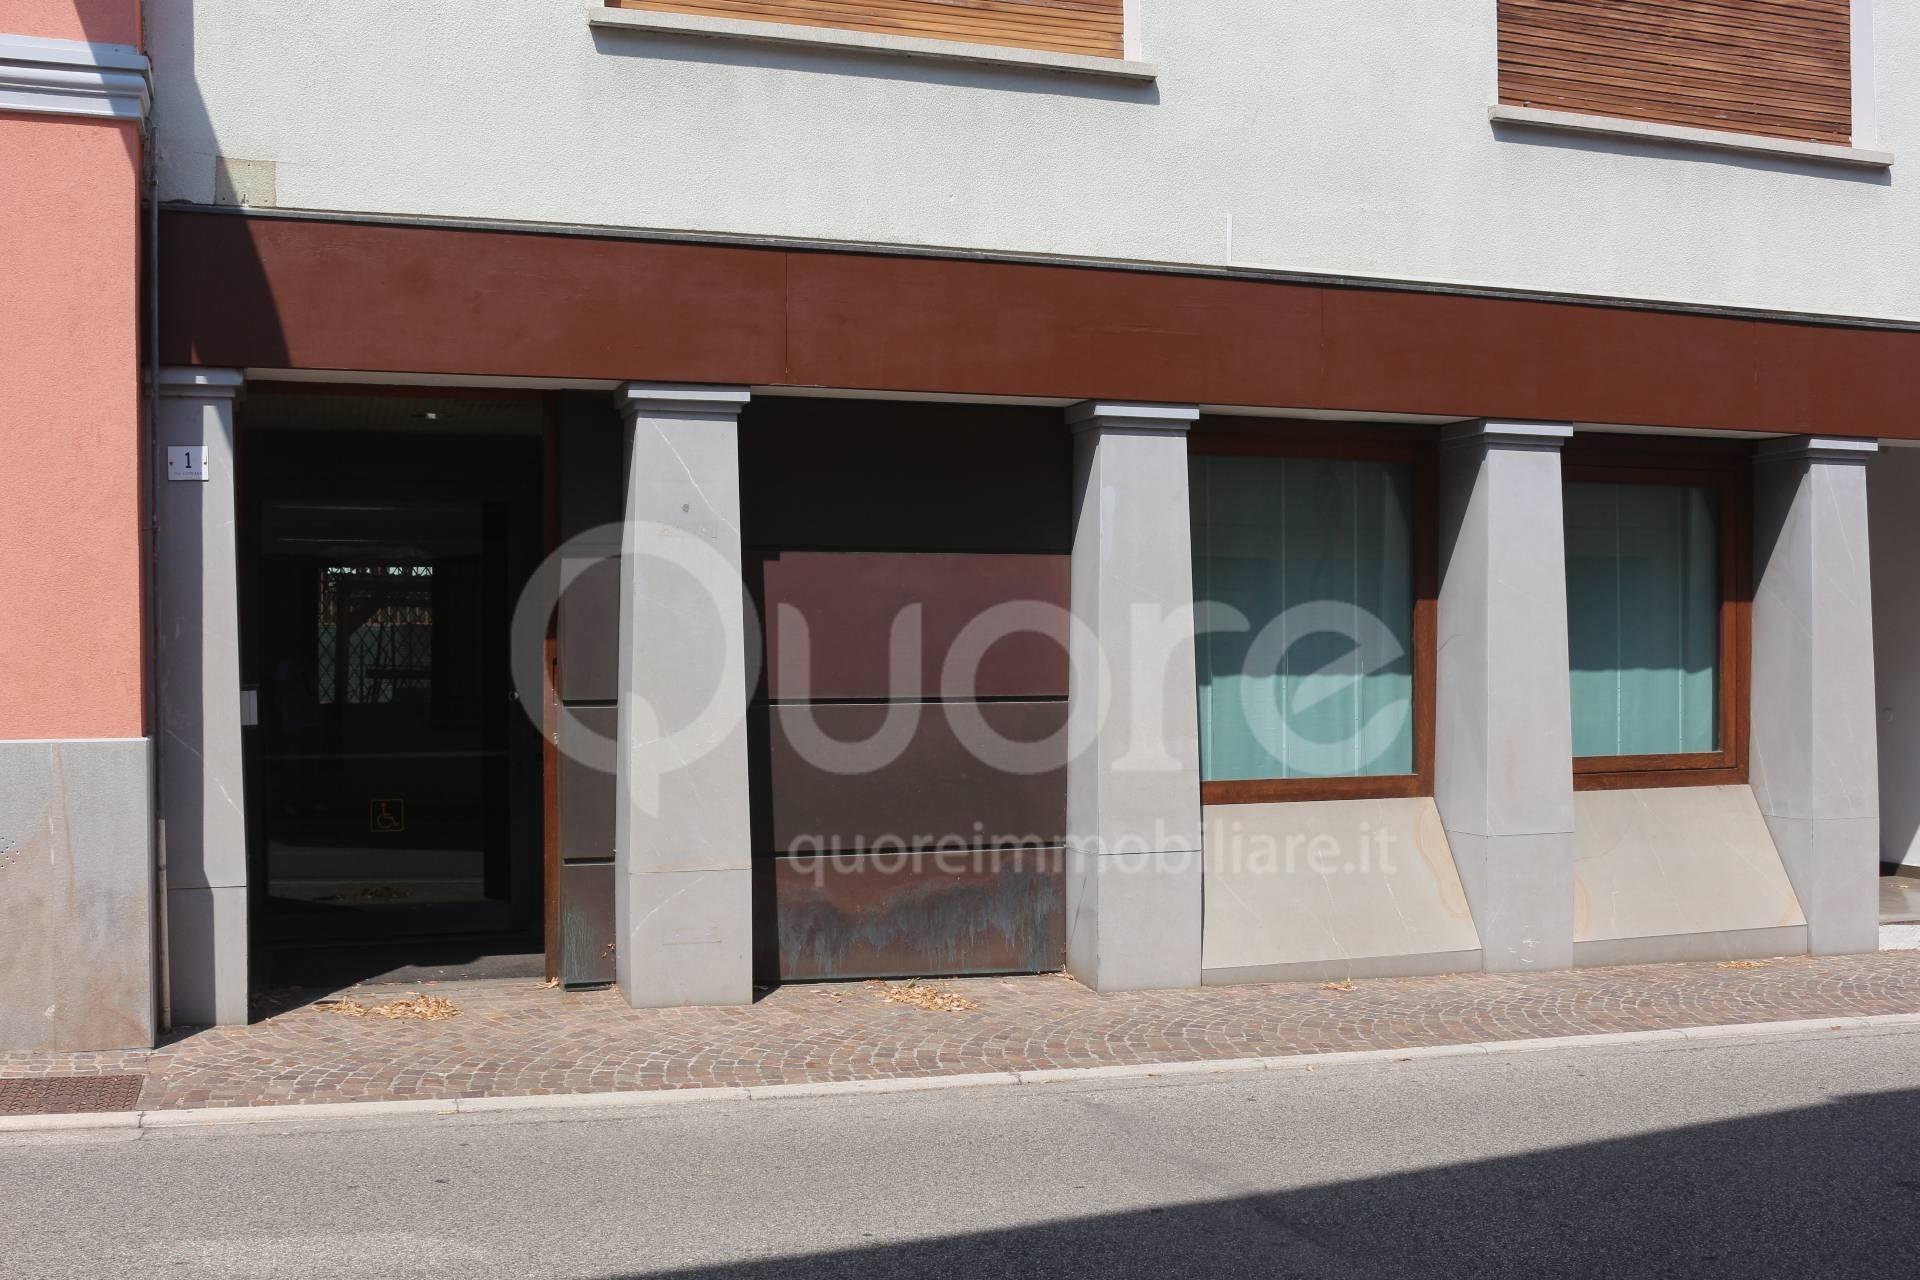 Negozio / Locale in vendita a Martignacco, 9999 locali, prezzo € 85.000 | CambioCasa.it